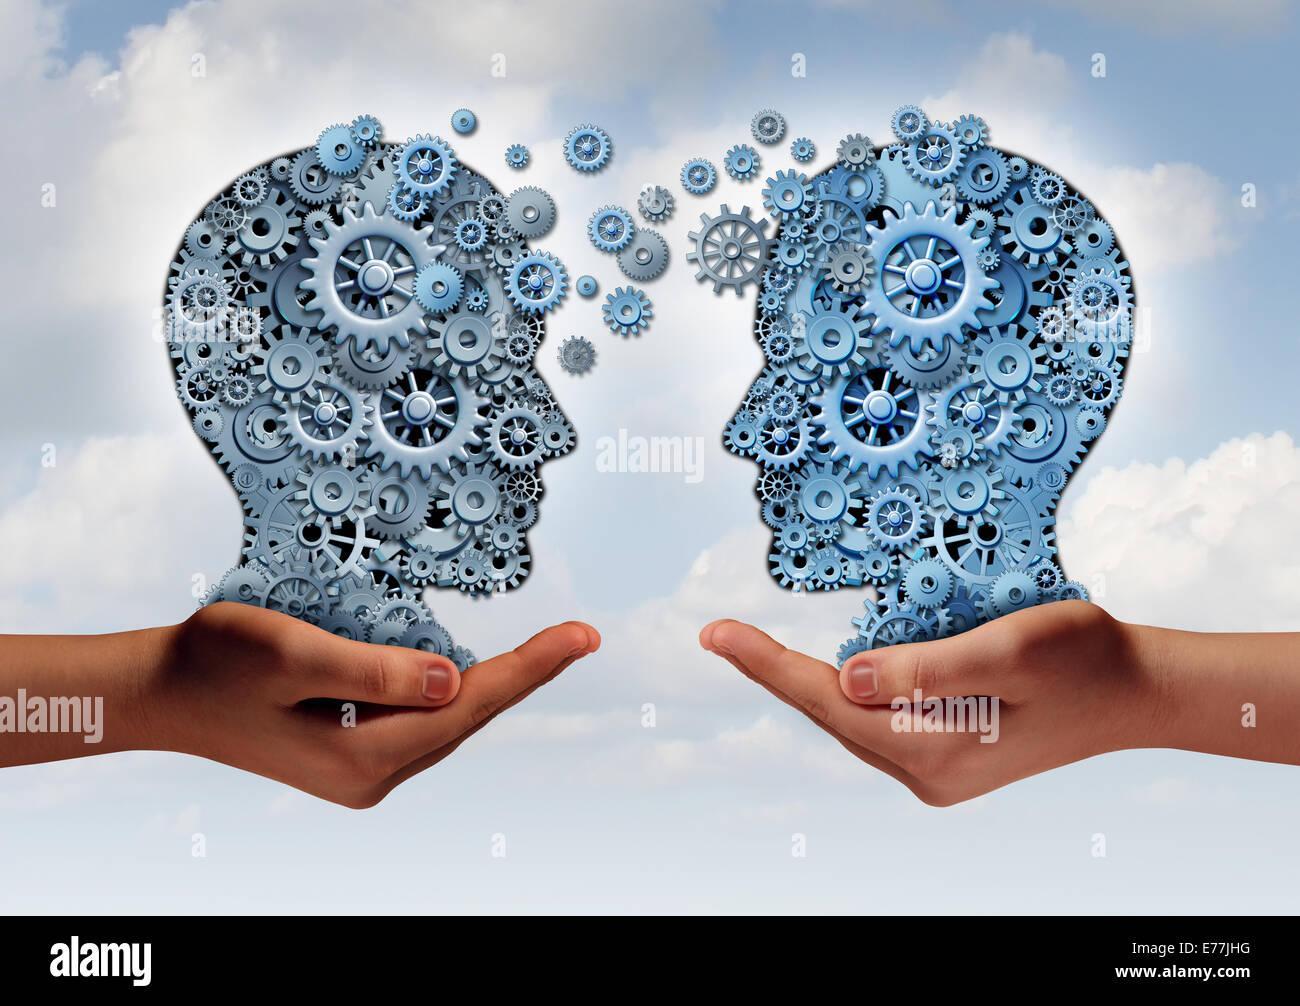 Business-Technologie-Konzept als zwei Hände halten eine Gruppe von Maschine Zahnräder geformt wie ein Stockbild